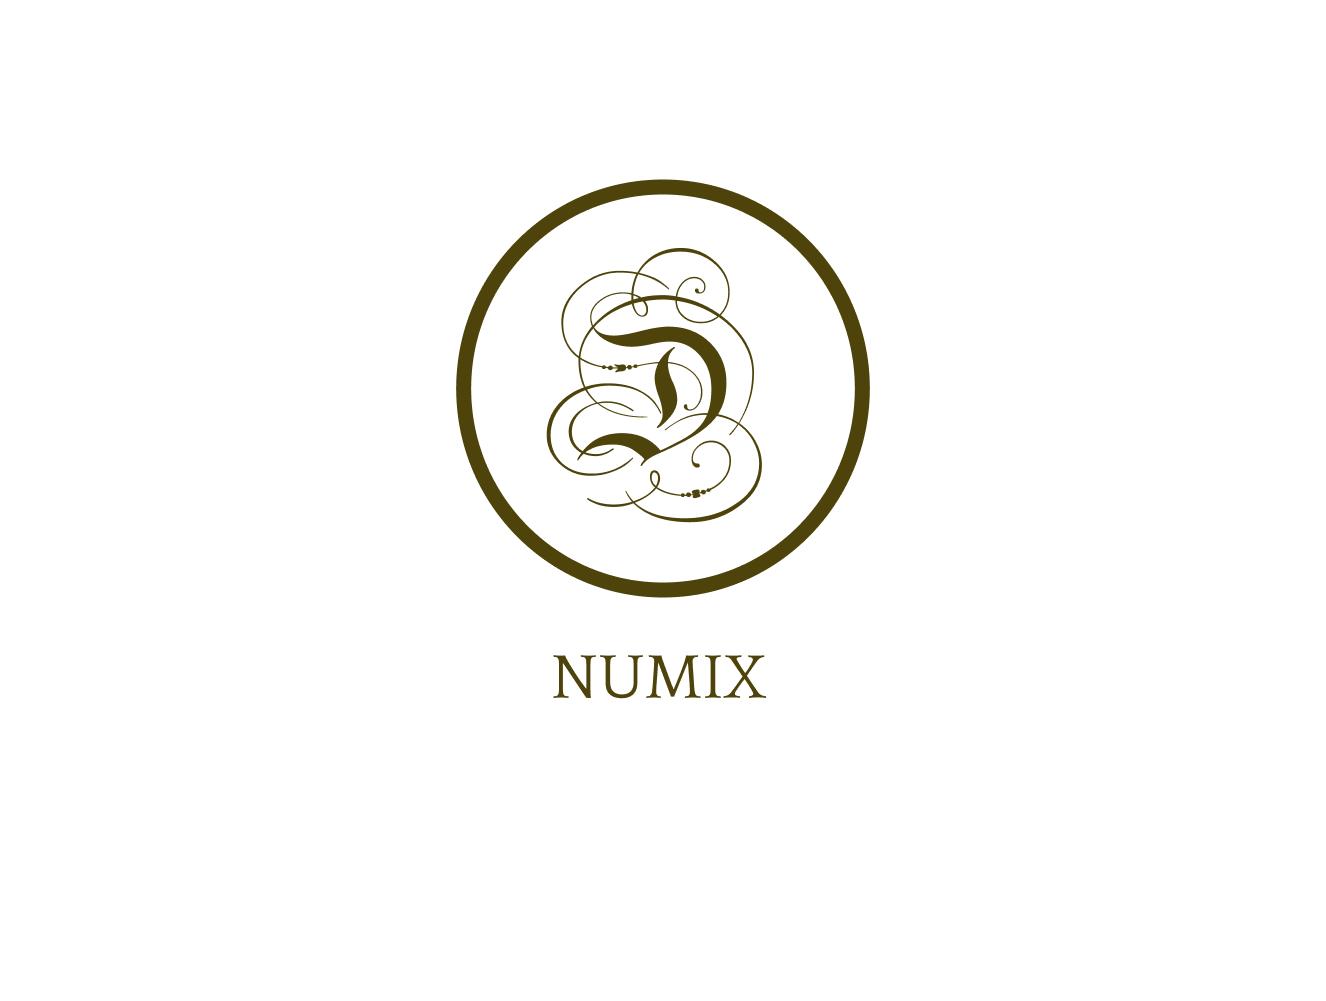 Логотип для интернет-магазина фото f_0375ec940ad8c569.png